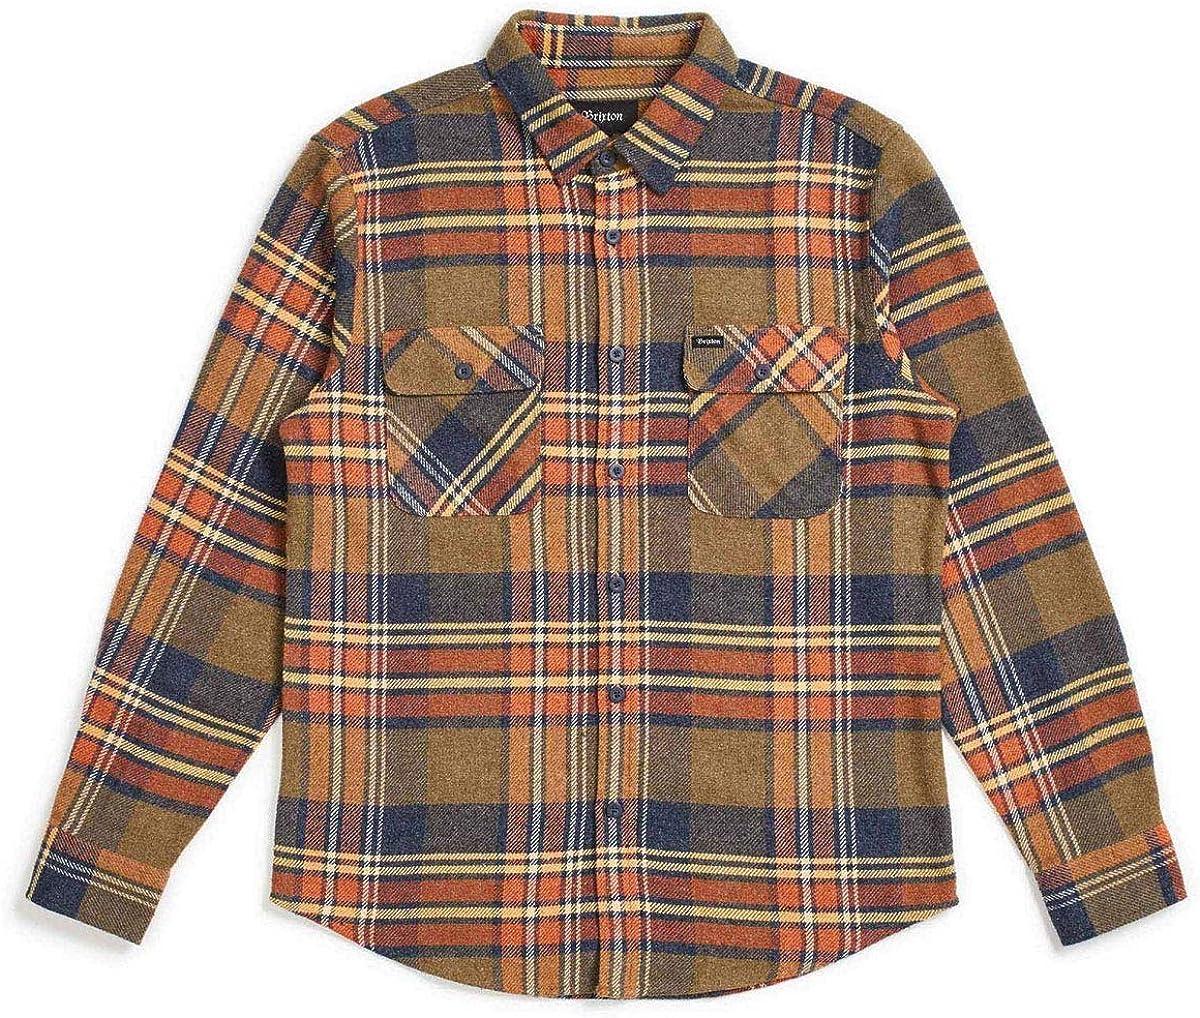 BRIXTON Bowery Flannel Camisa de Manga Larga: Amazon.es: Ropa y accesorios